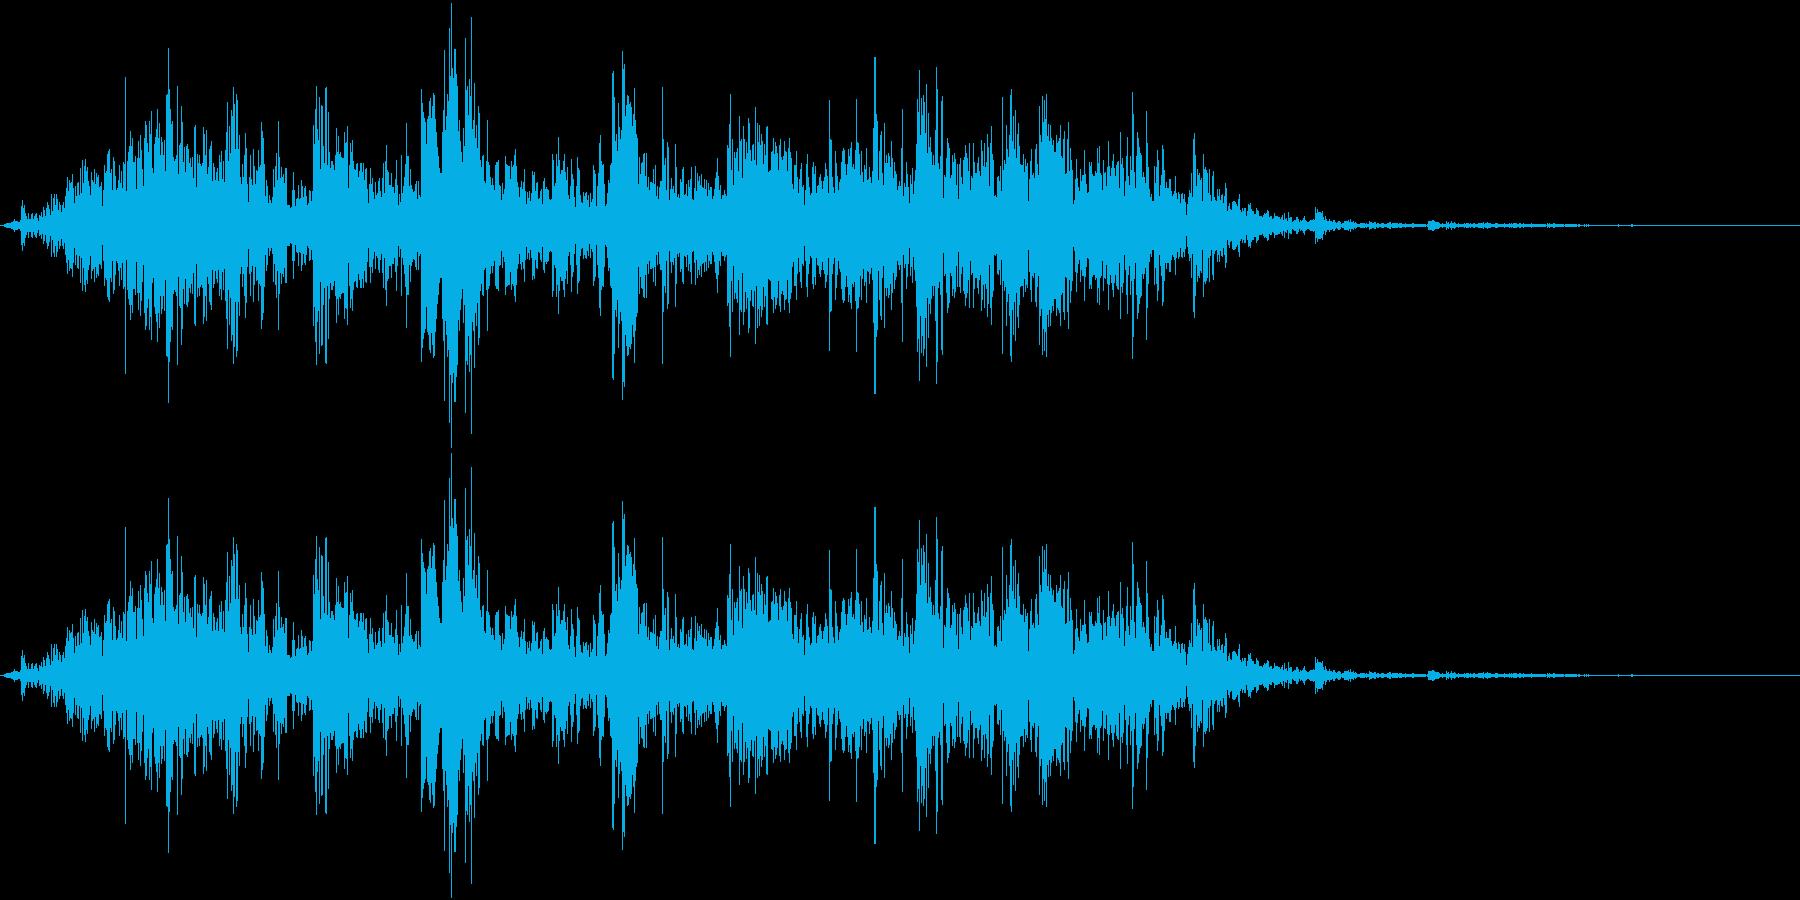 鎖を動かす音6【短い】の再生済みの波形